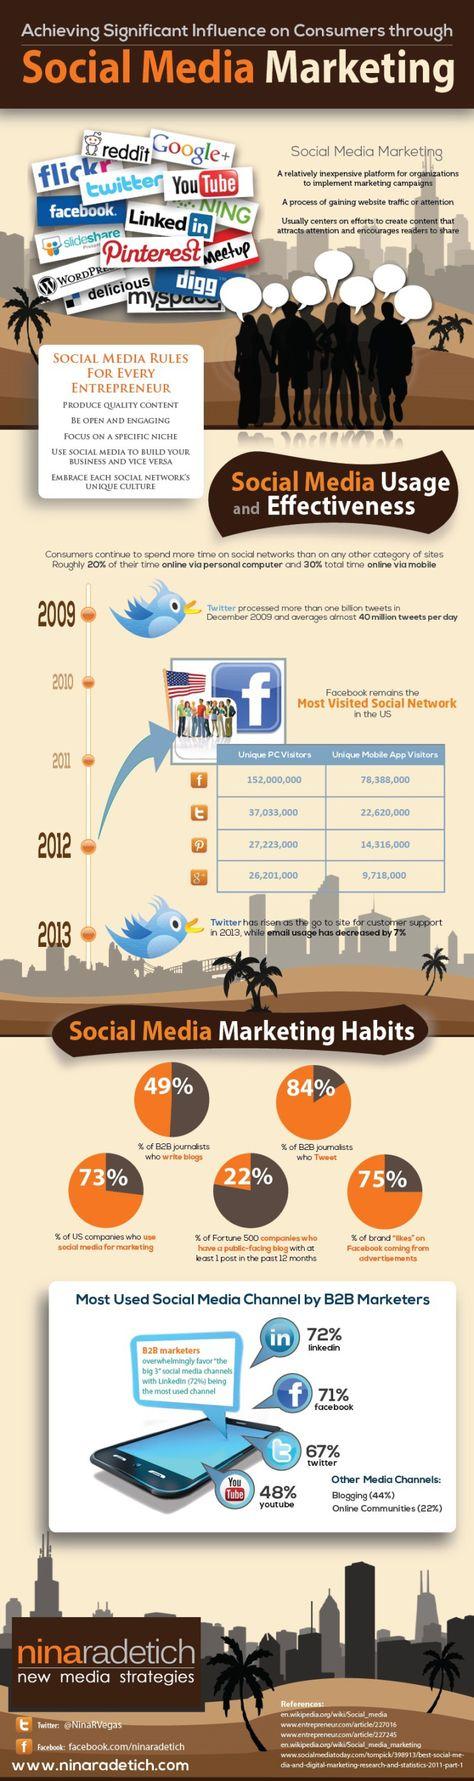 Influir en los consumidores mediante Redes Sociales #infografia #infographic #marketing - TICs y Formación